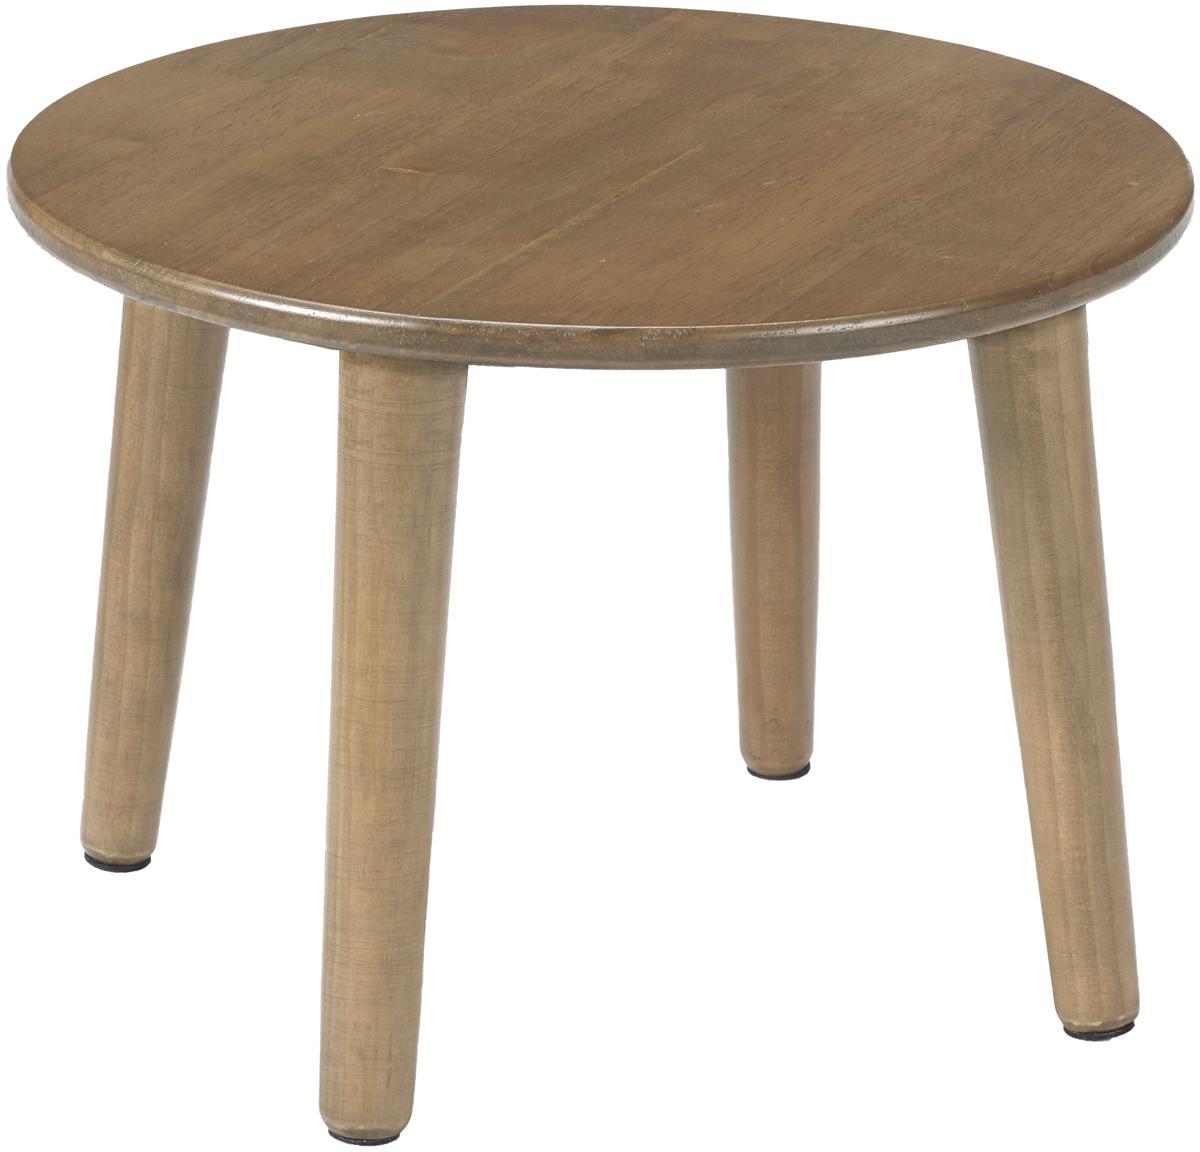 Kindertisch Lounge, Gummibaumholz, lackiert, Gummibaumholz, Ø 34 x H 24 cm